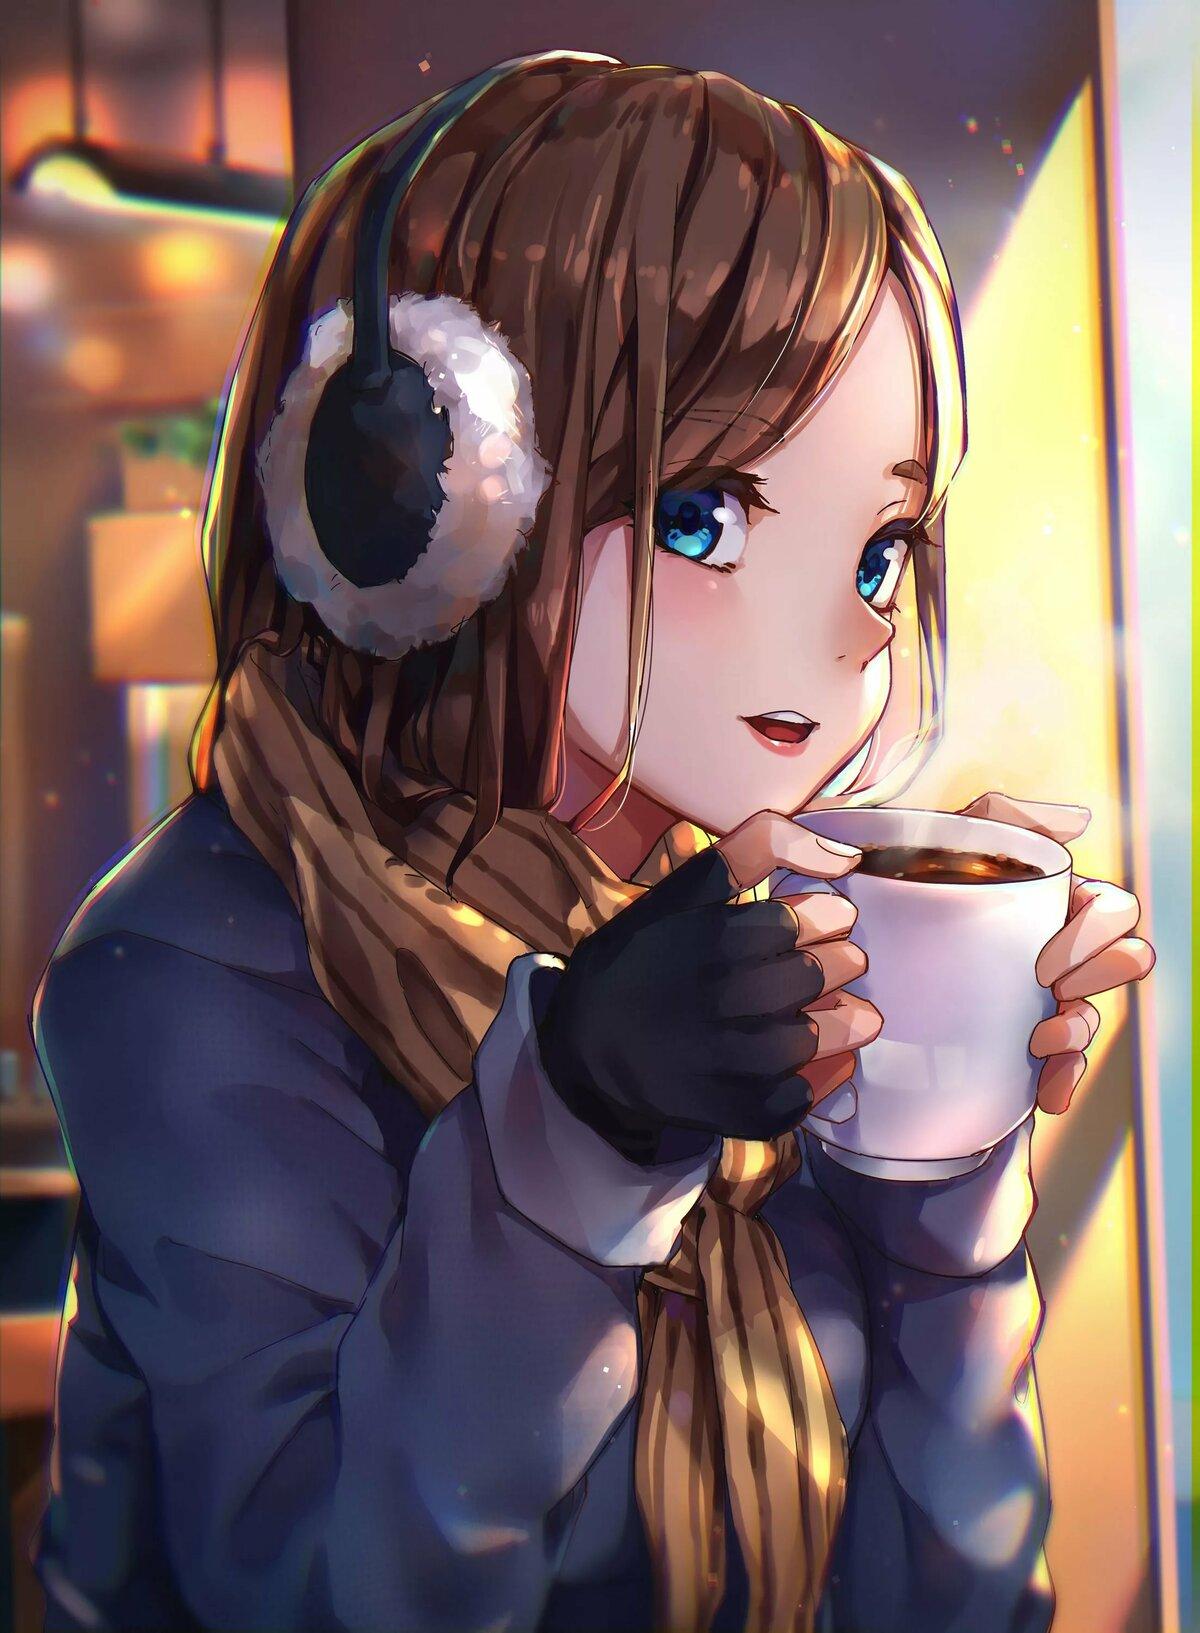 Картинки аниме арт девушки